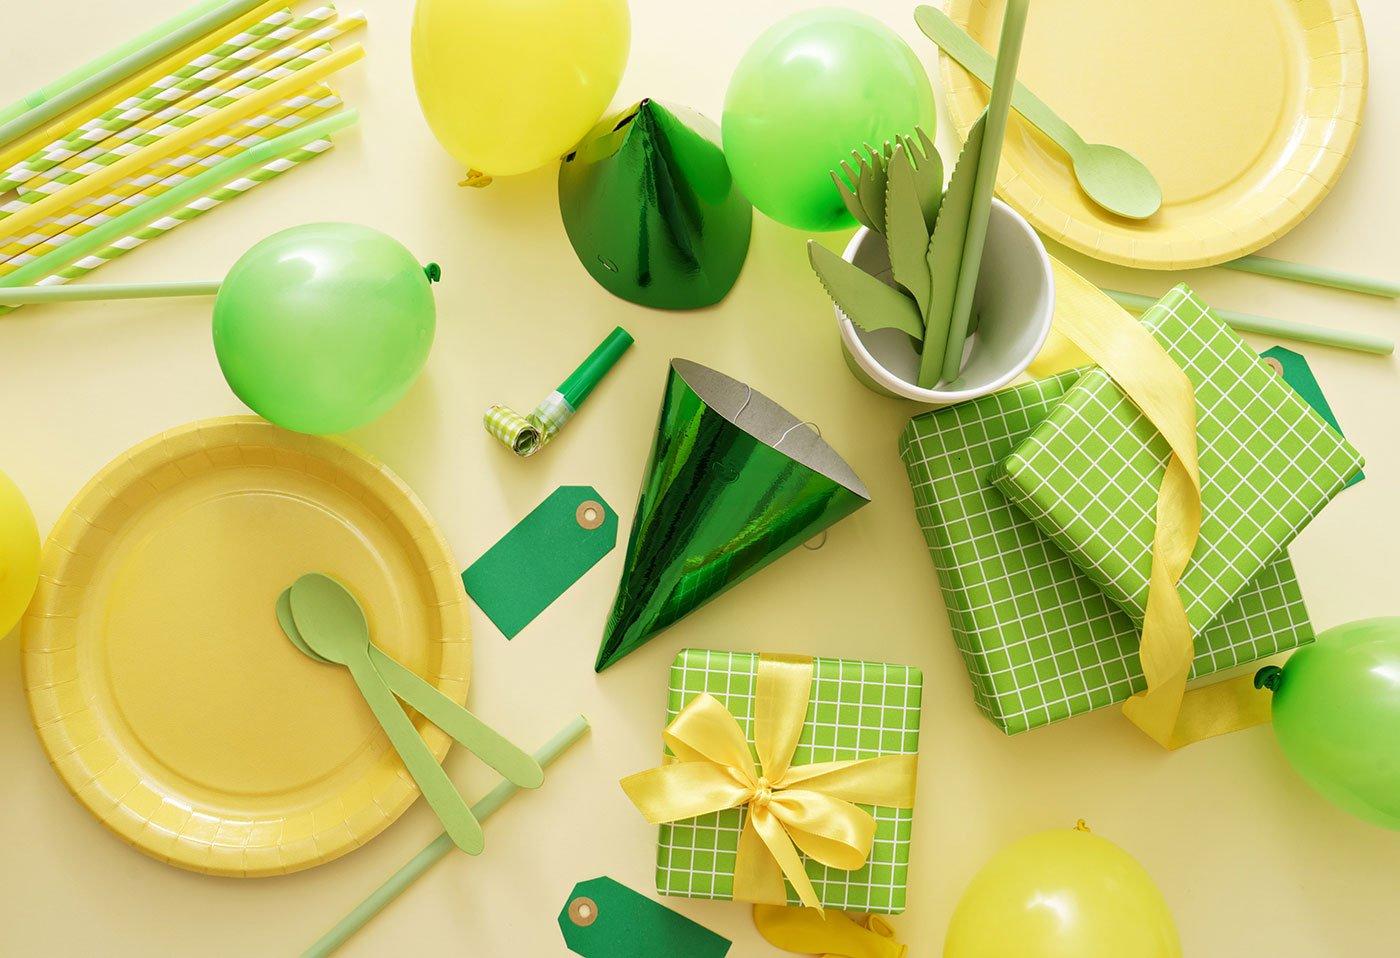 Un tavolo con articoli colorati per feste